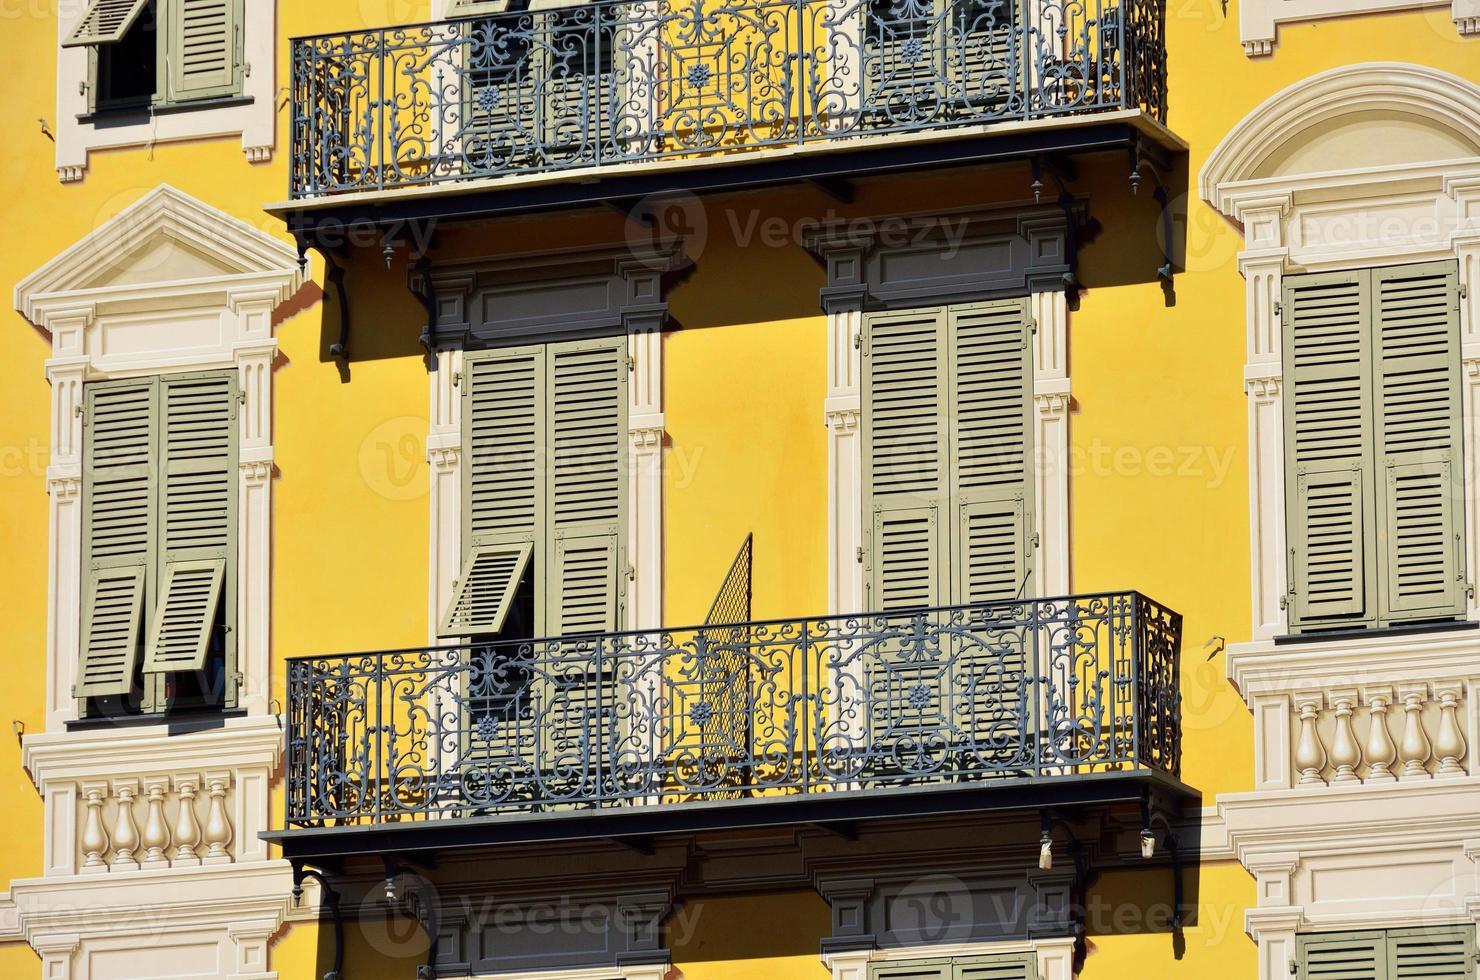 fönster och balkonger, trevligt foto